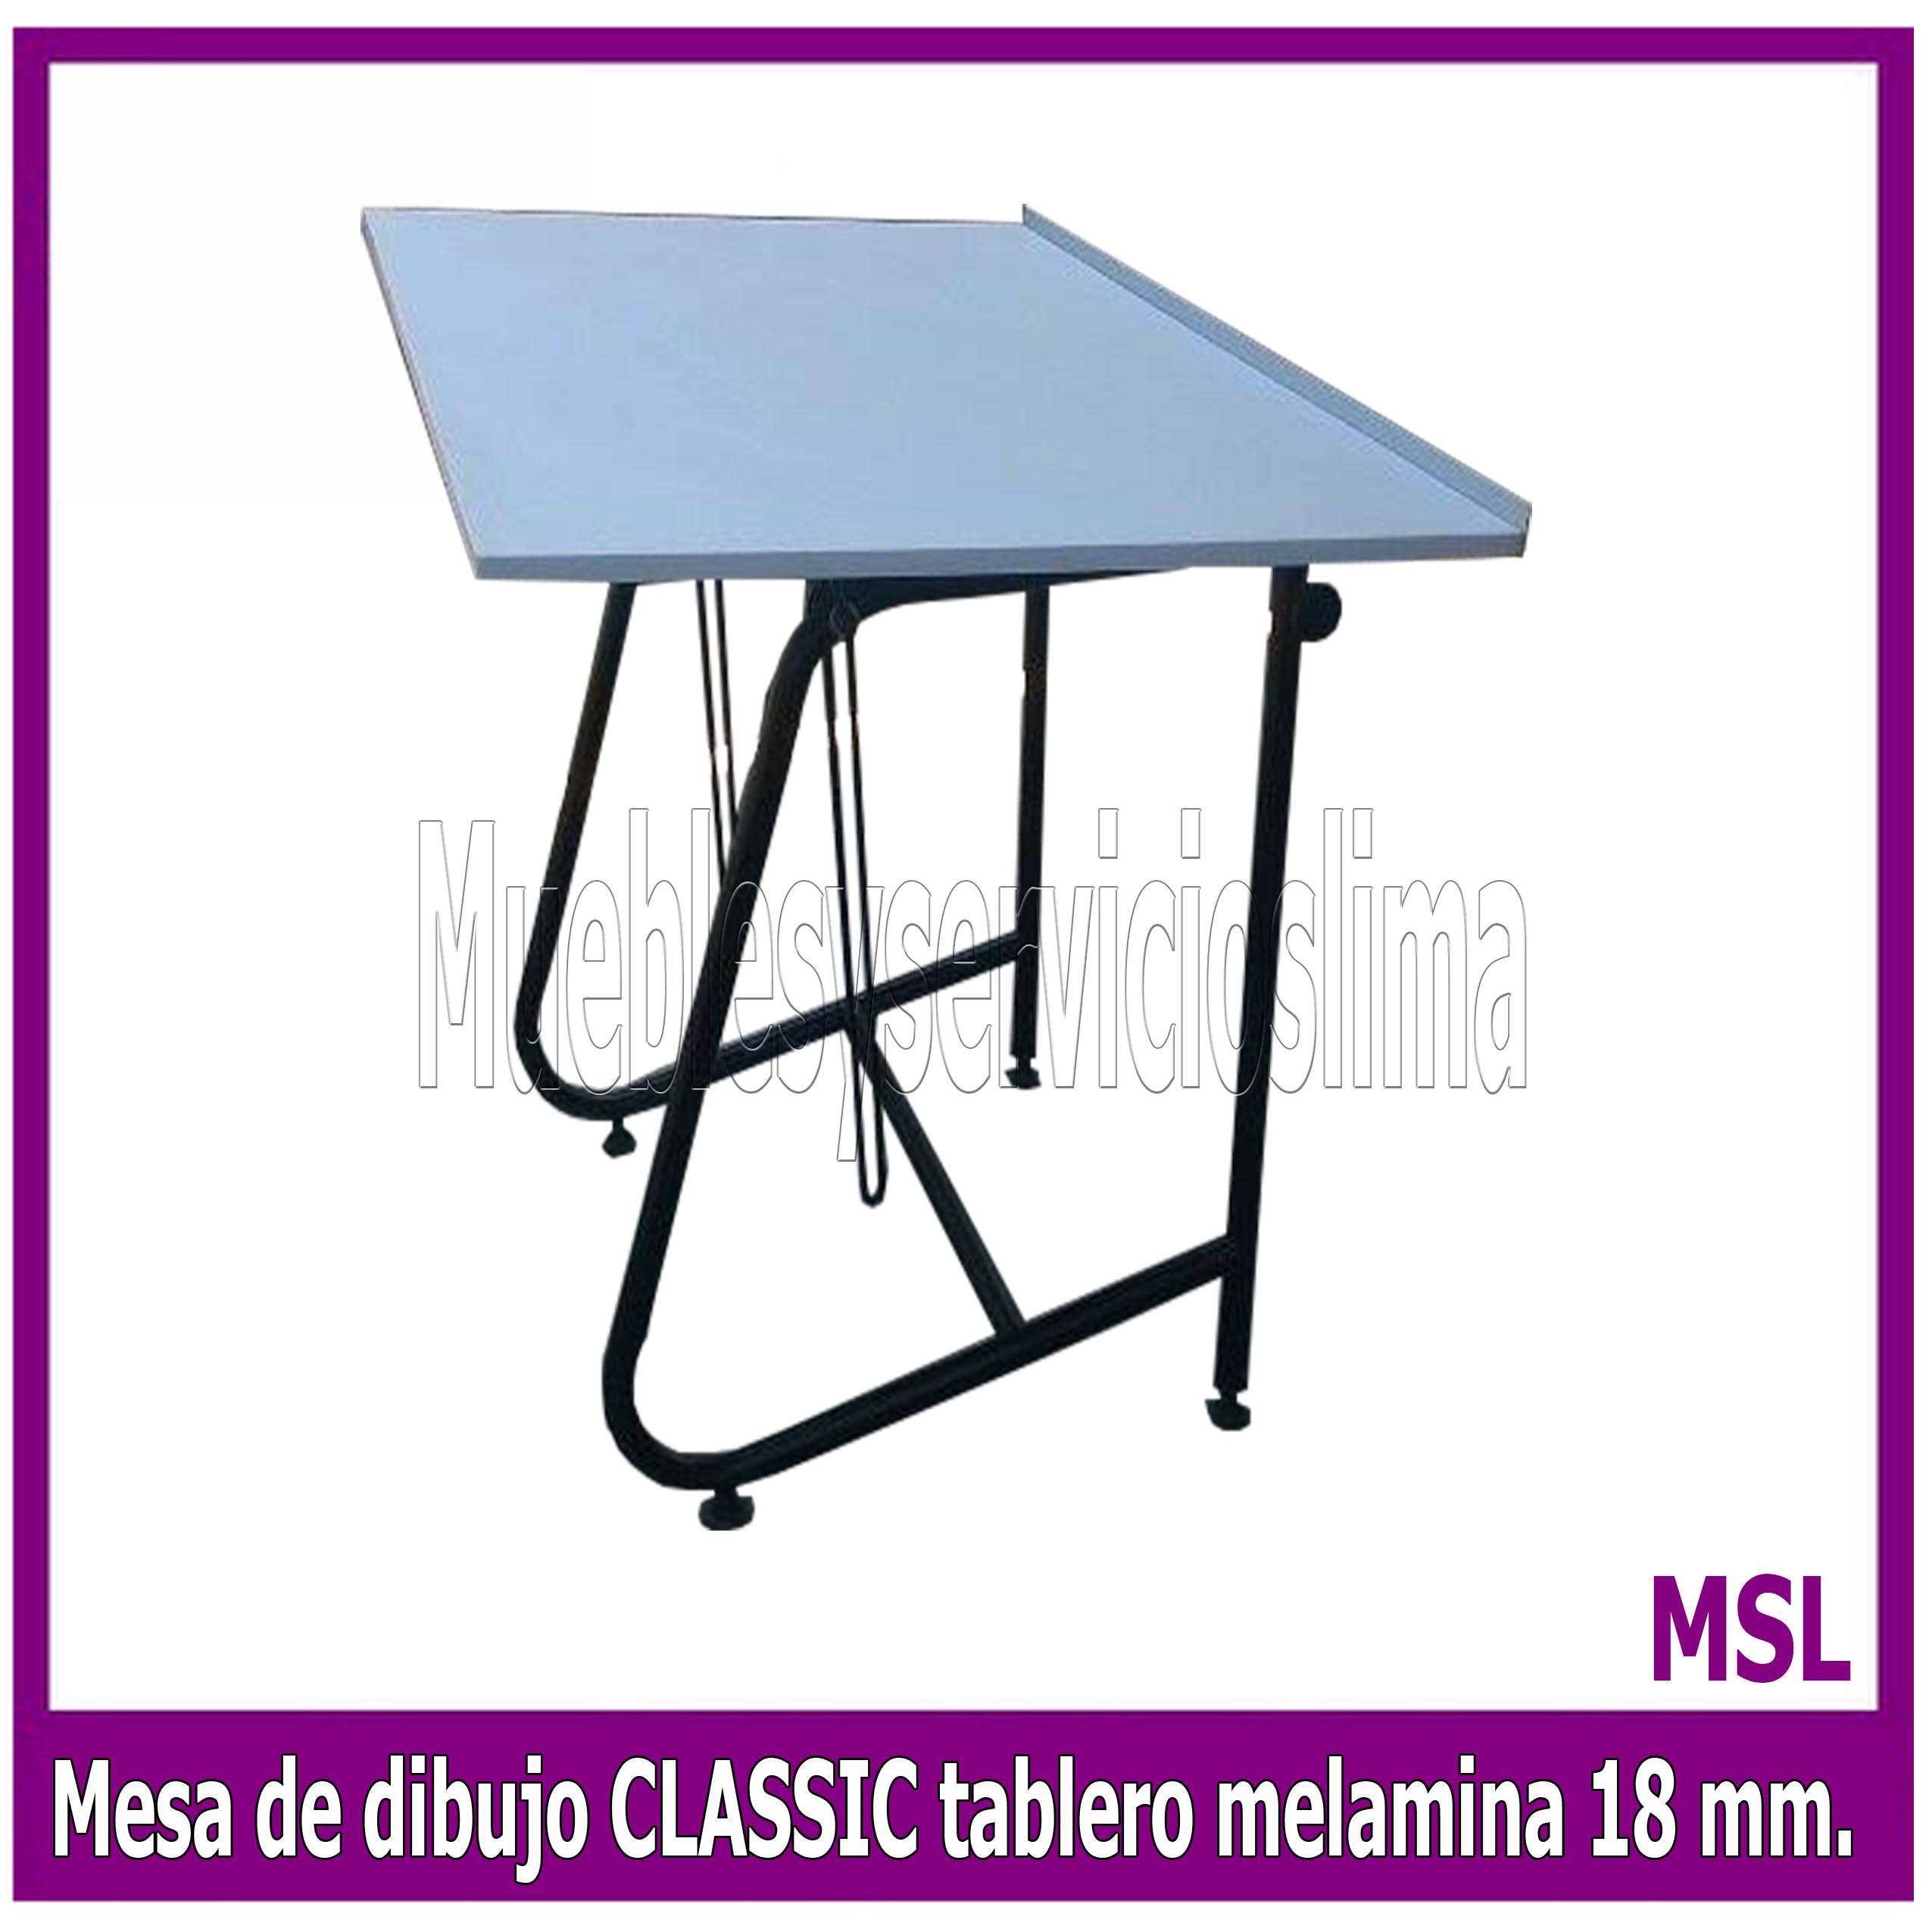 Muebles y servicios lima - Mesas de dibujo tecnico ...